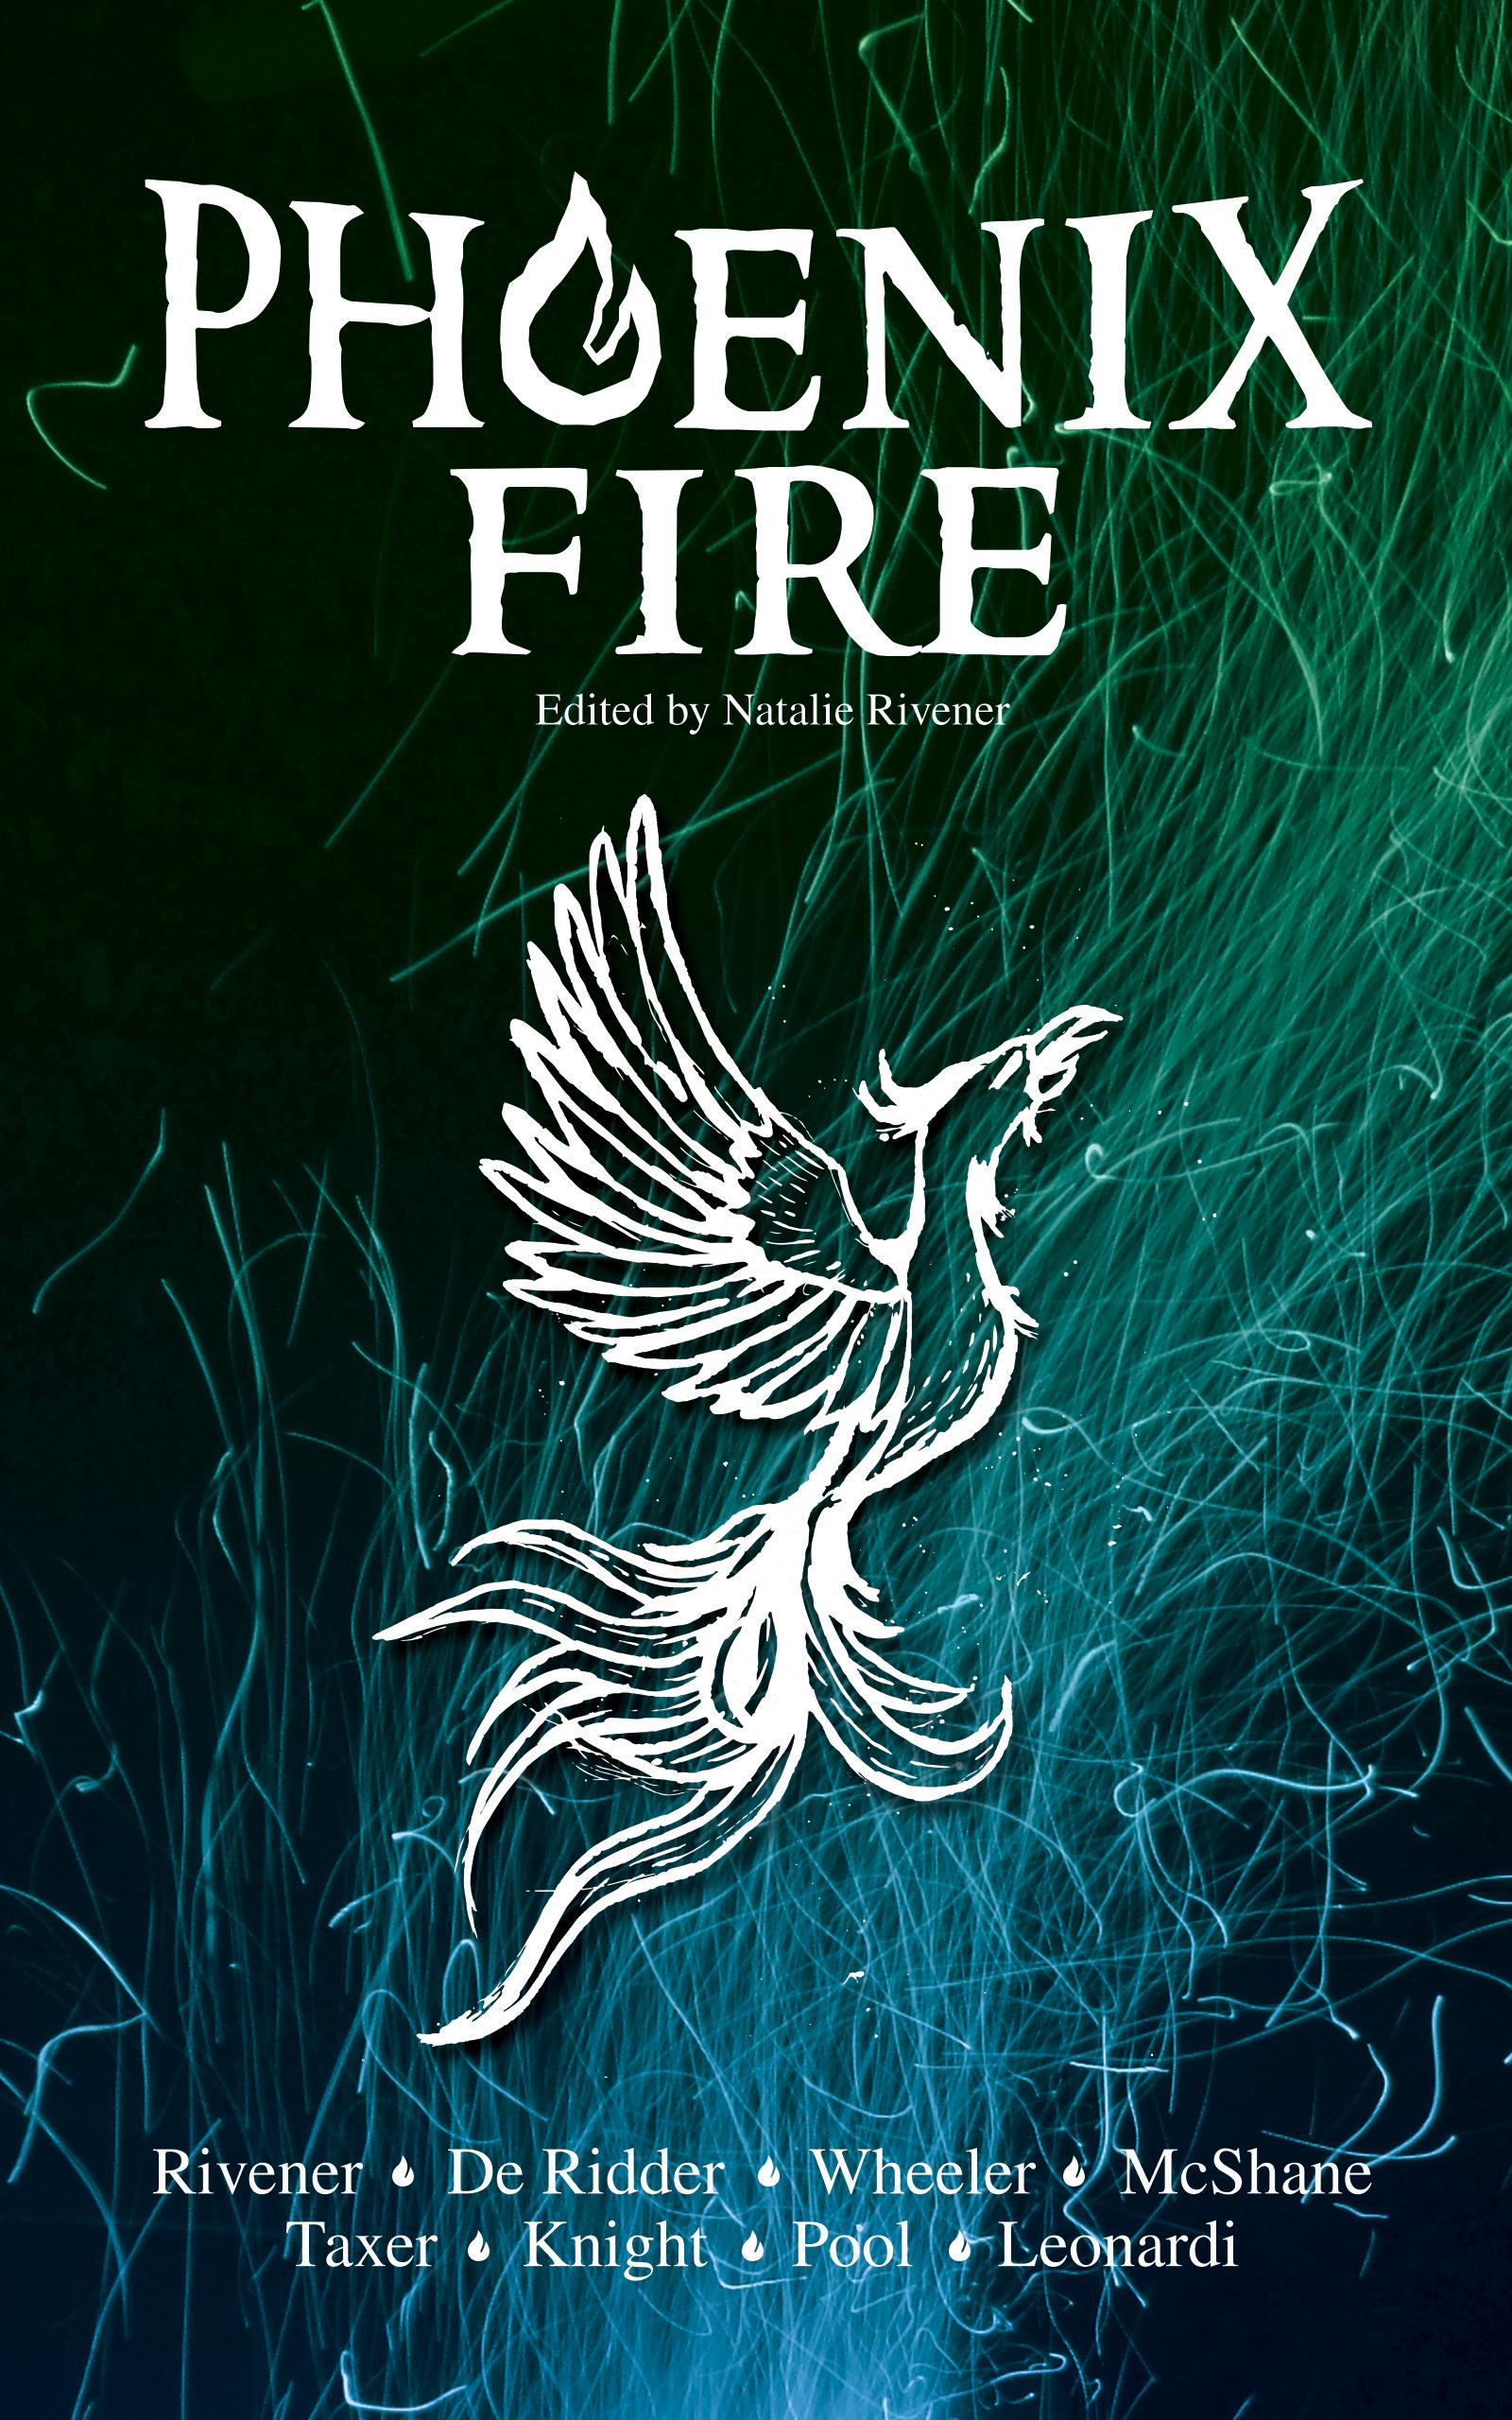 Pre-order Phoenix Fire